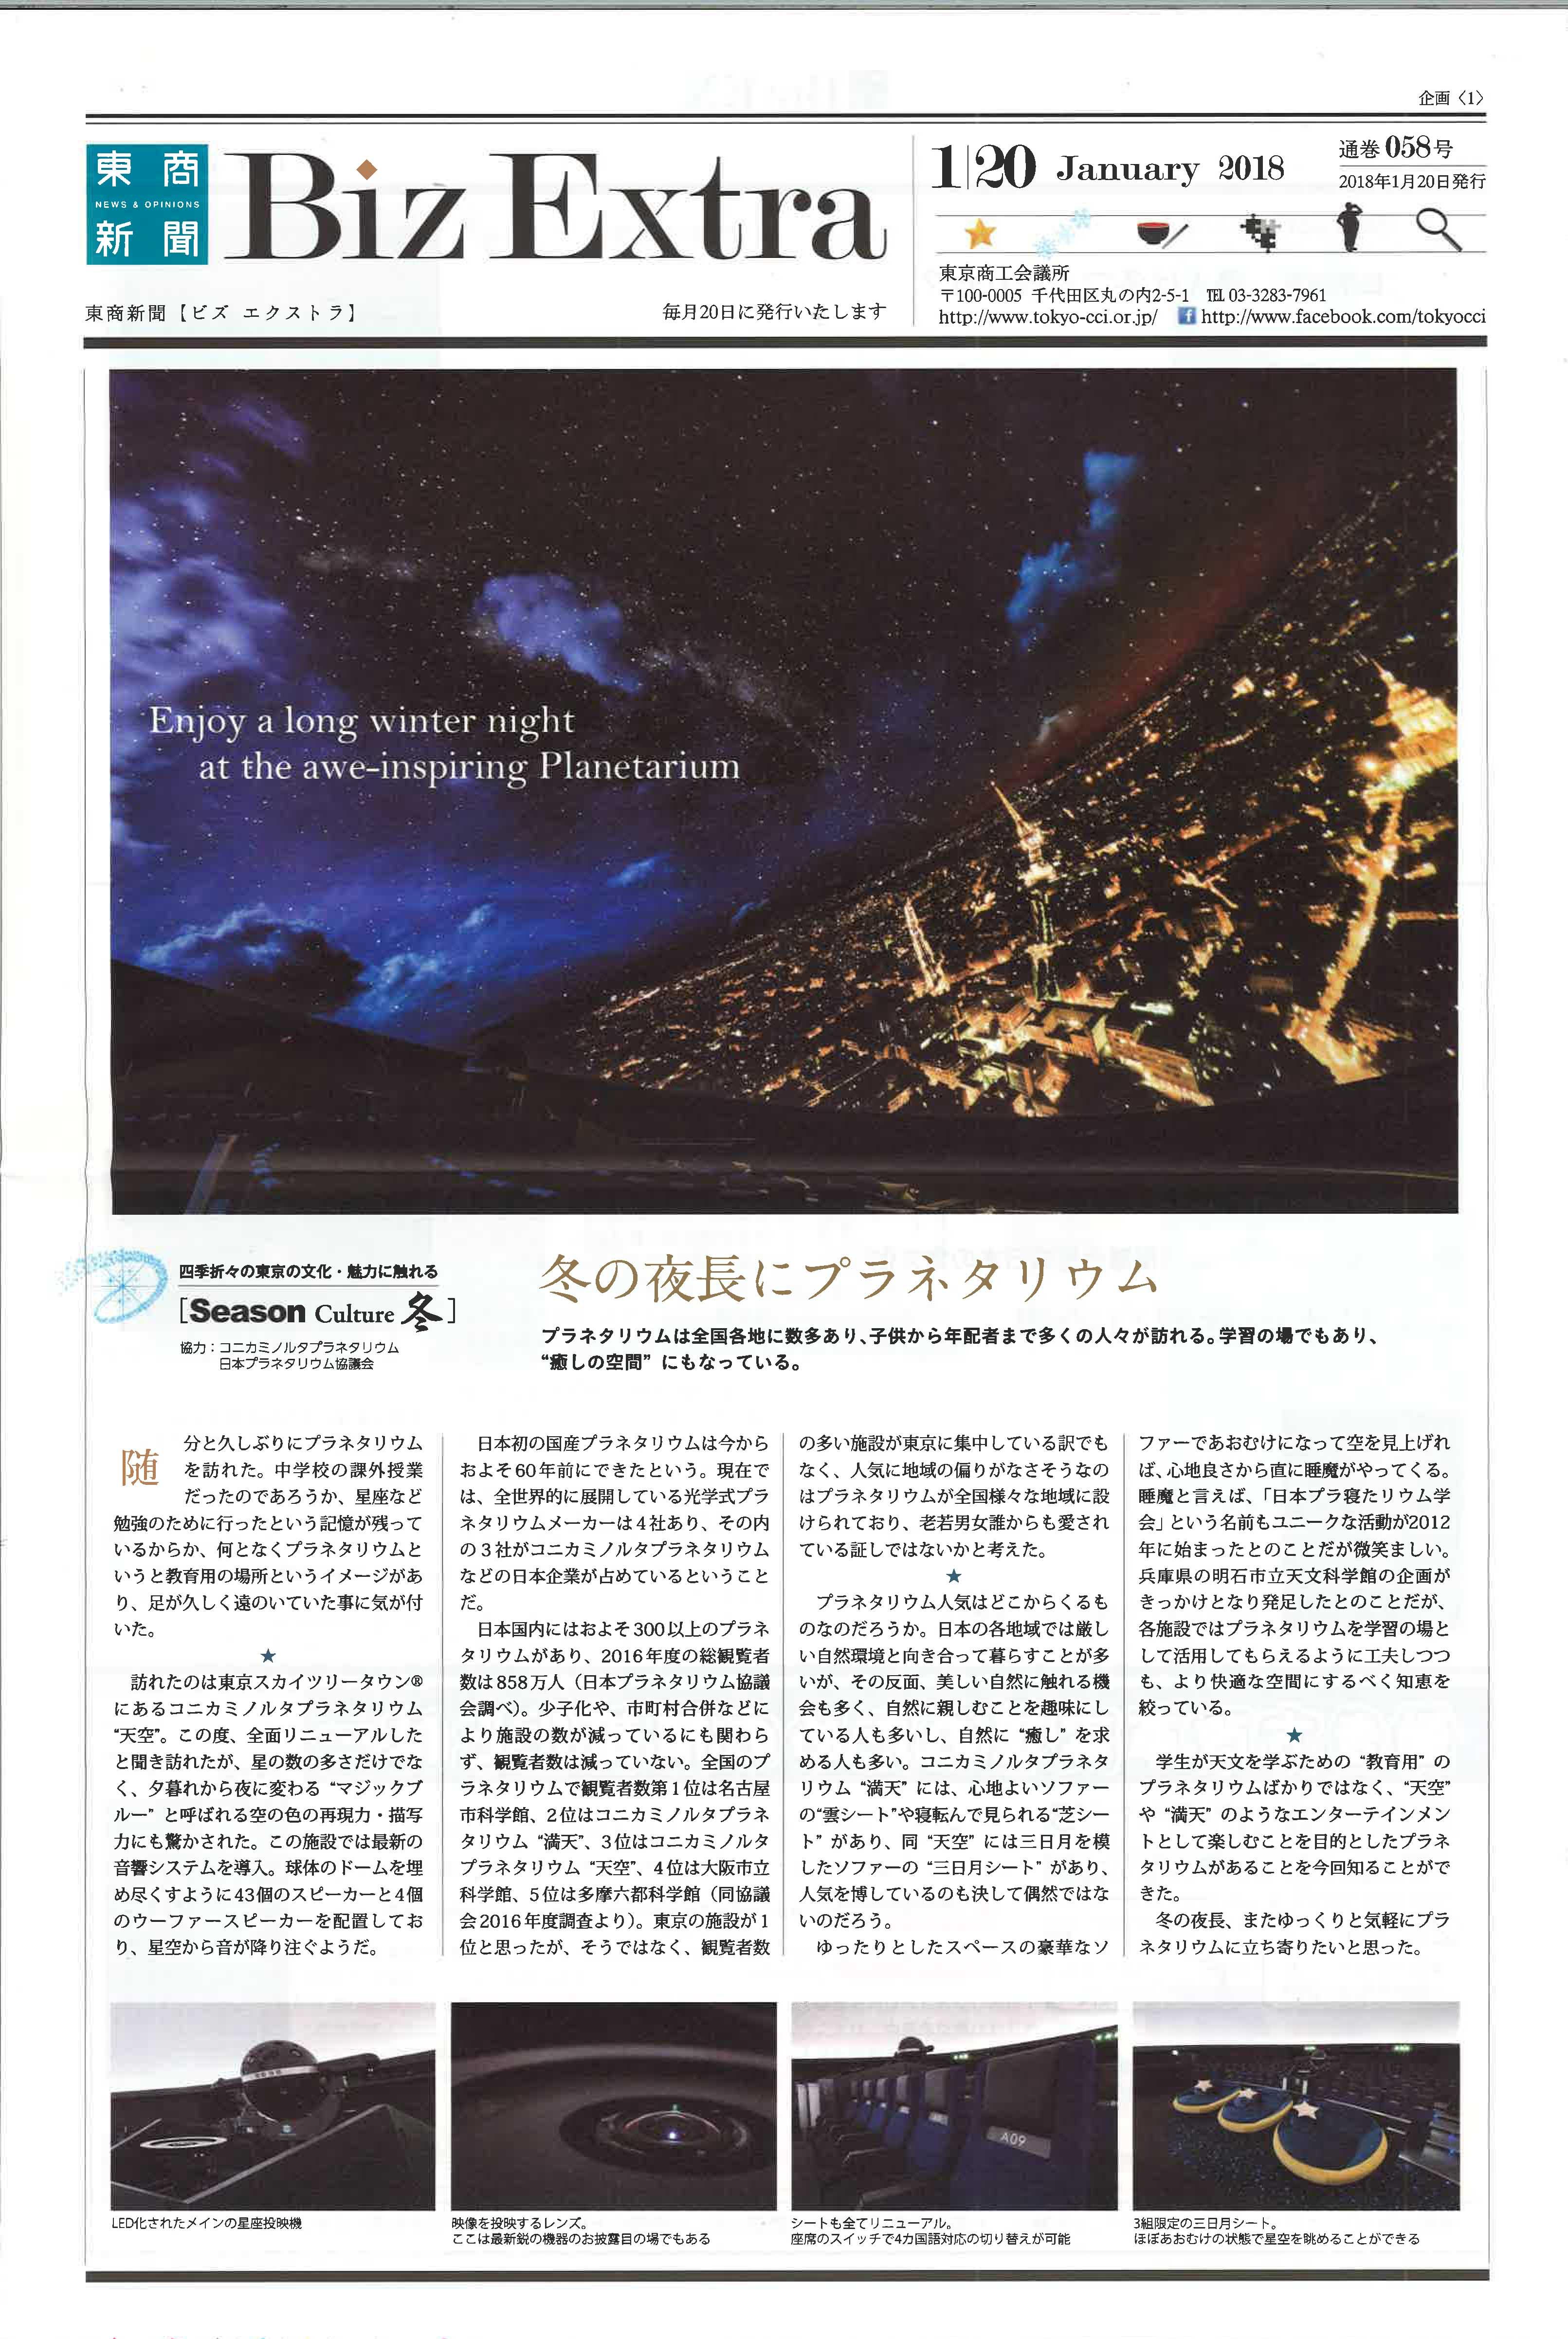 「東商新聞 Biz Extra」January 2018 通巻058号